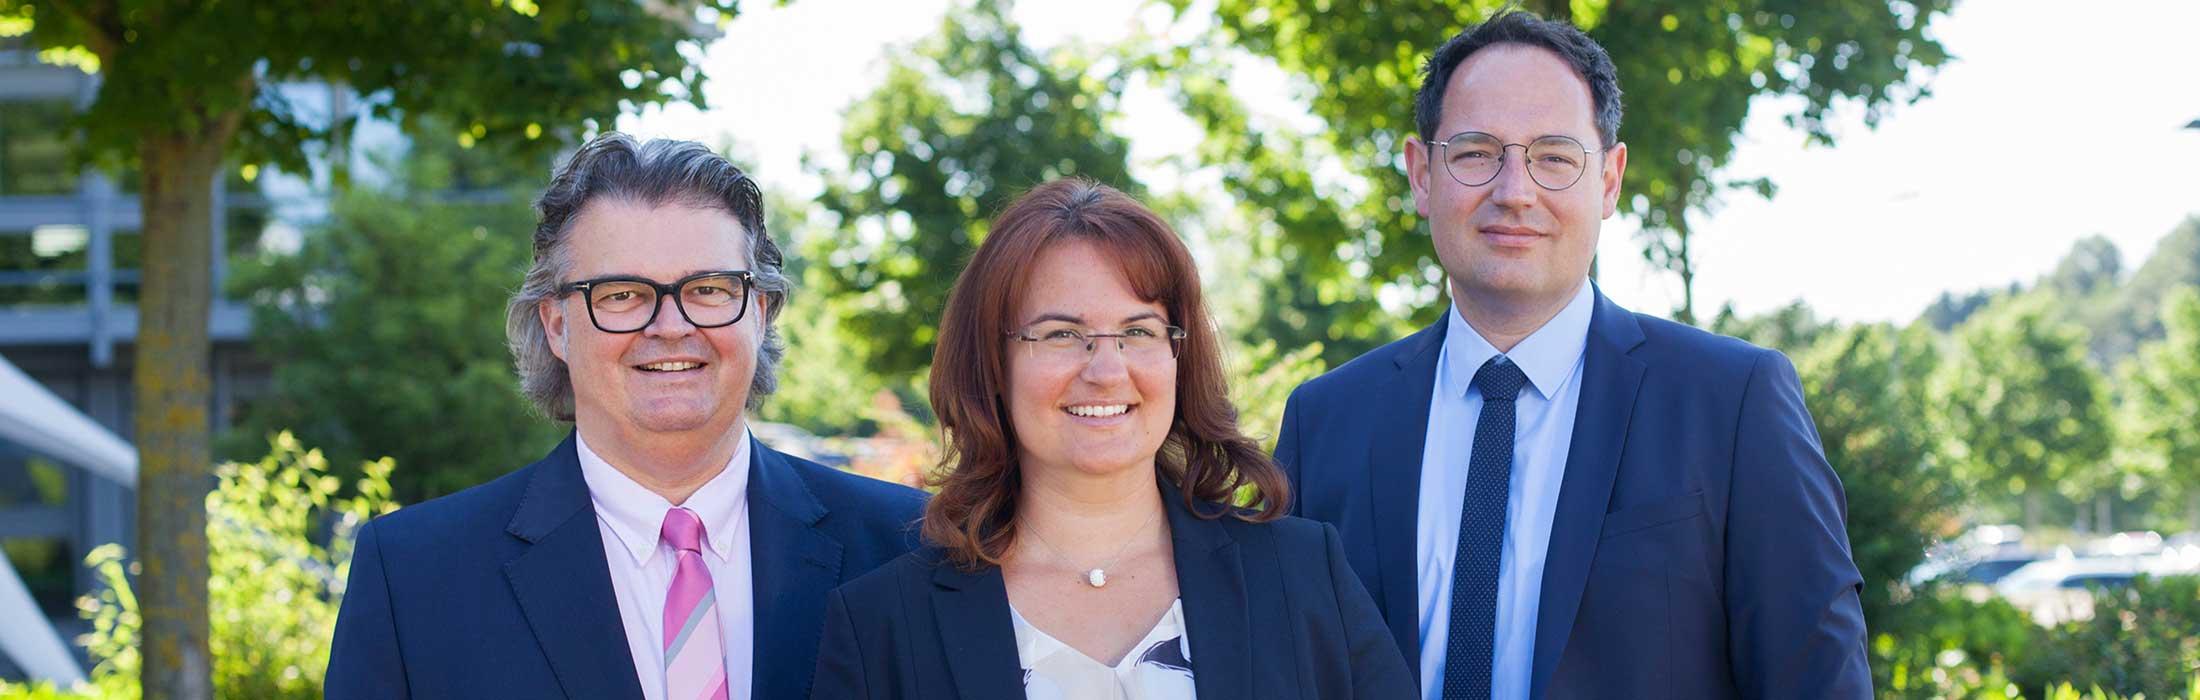 Quirmbach & Partner, Anwälte auf Verletztenseite